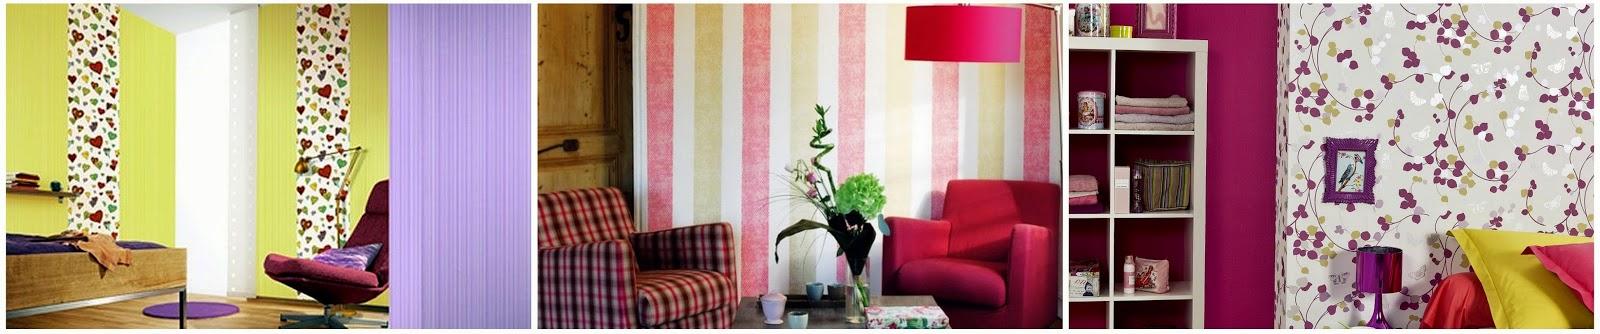 tarif pose papier peint paris peintre professionnel cesu. Black Bedroom Furniture Sets. Home Design Ideas